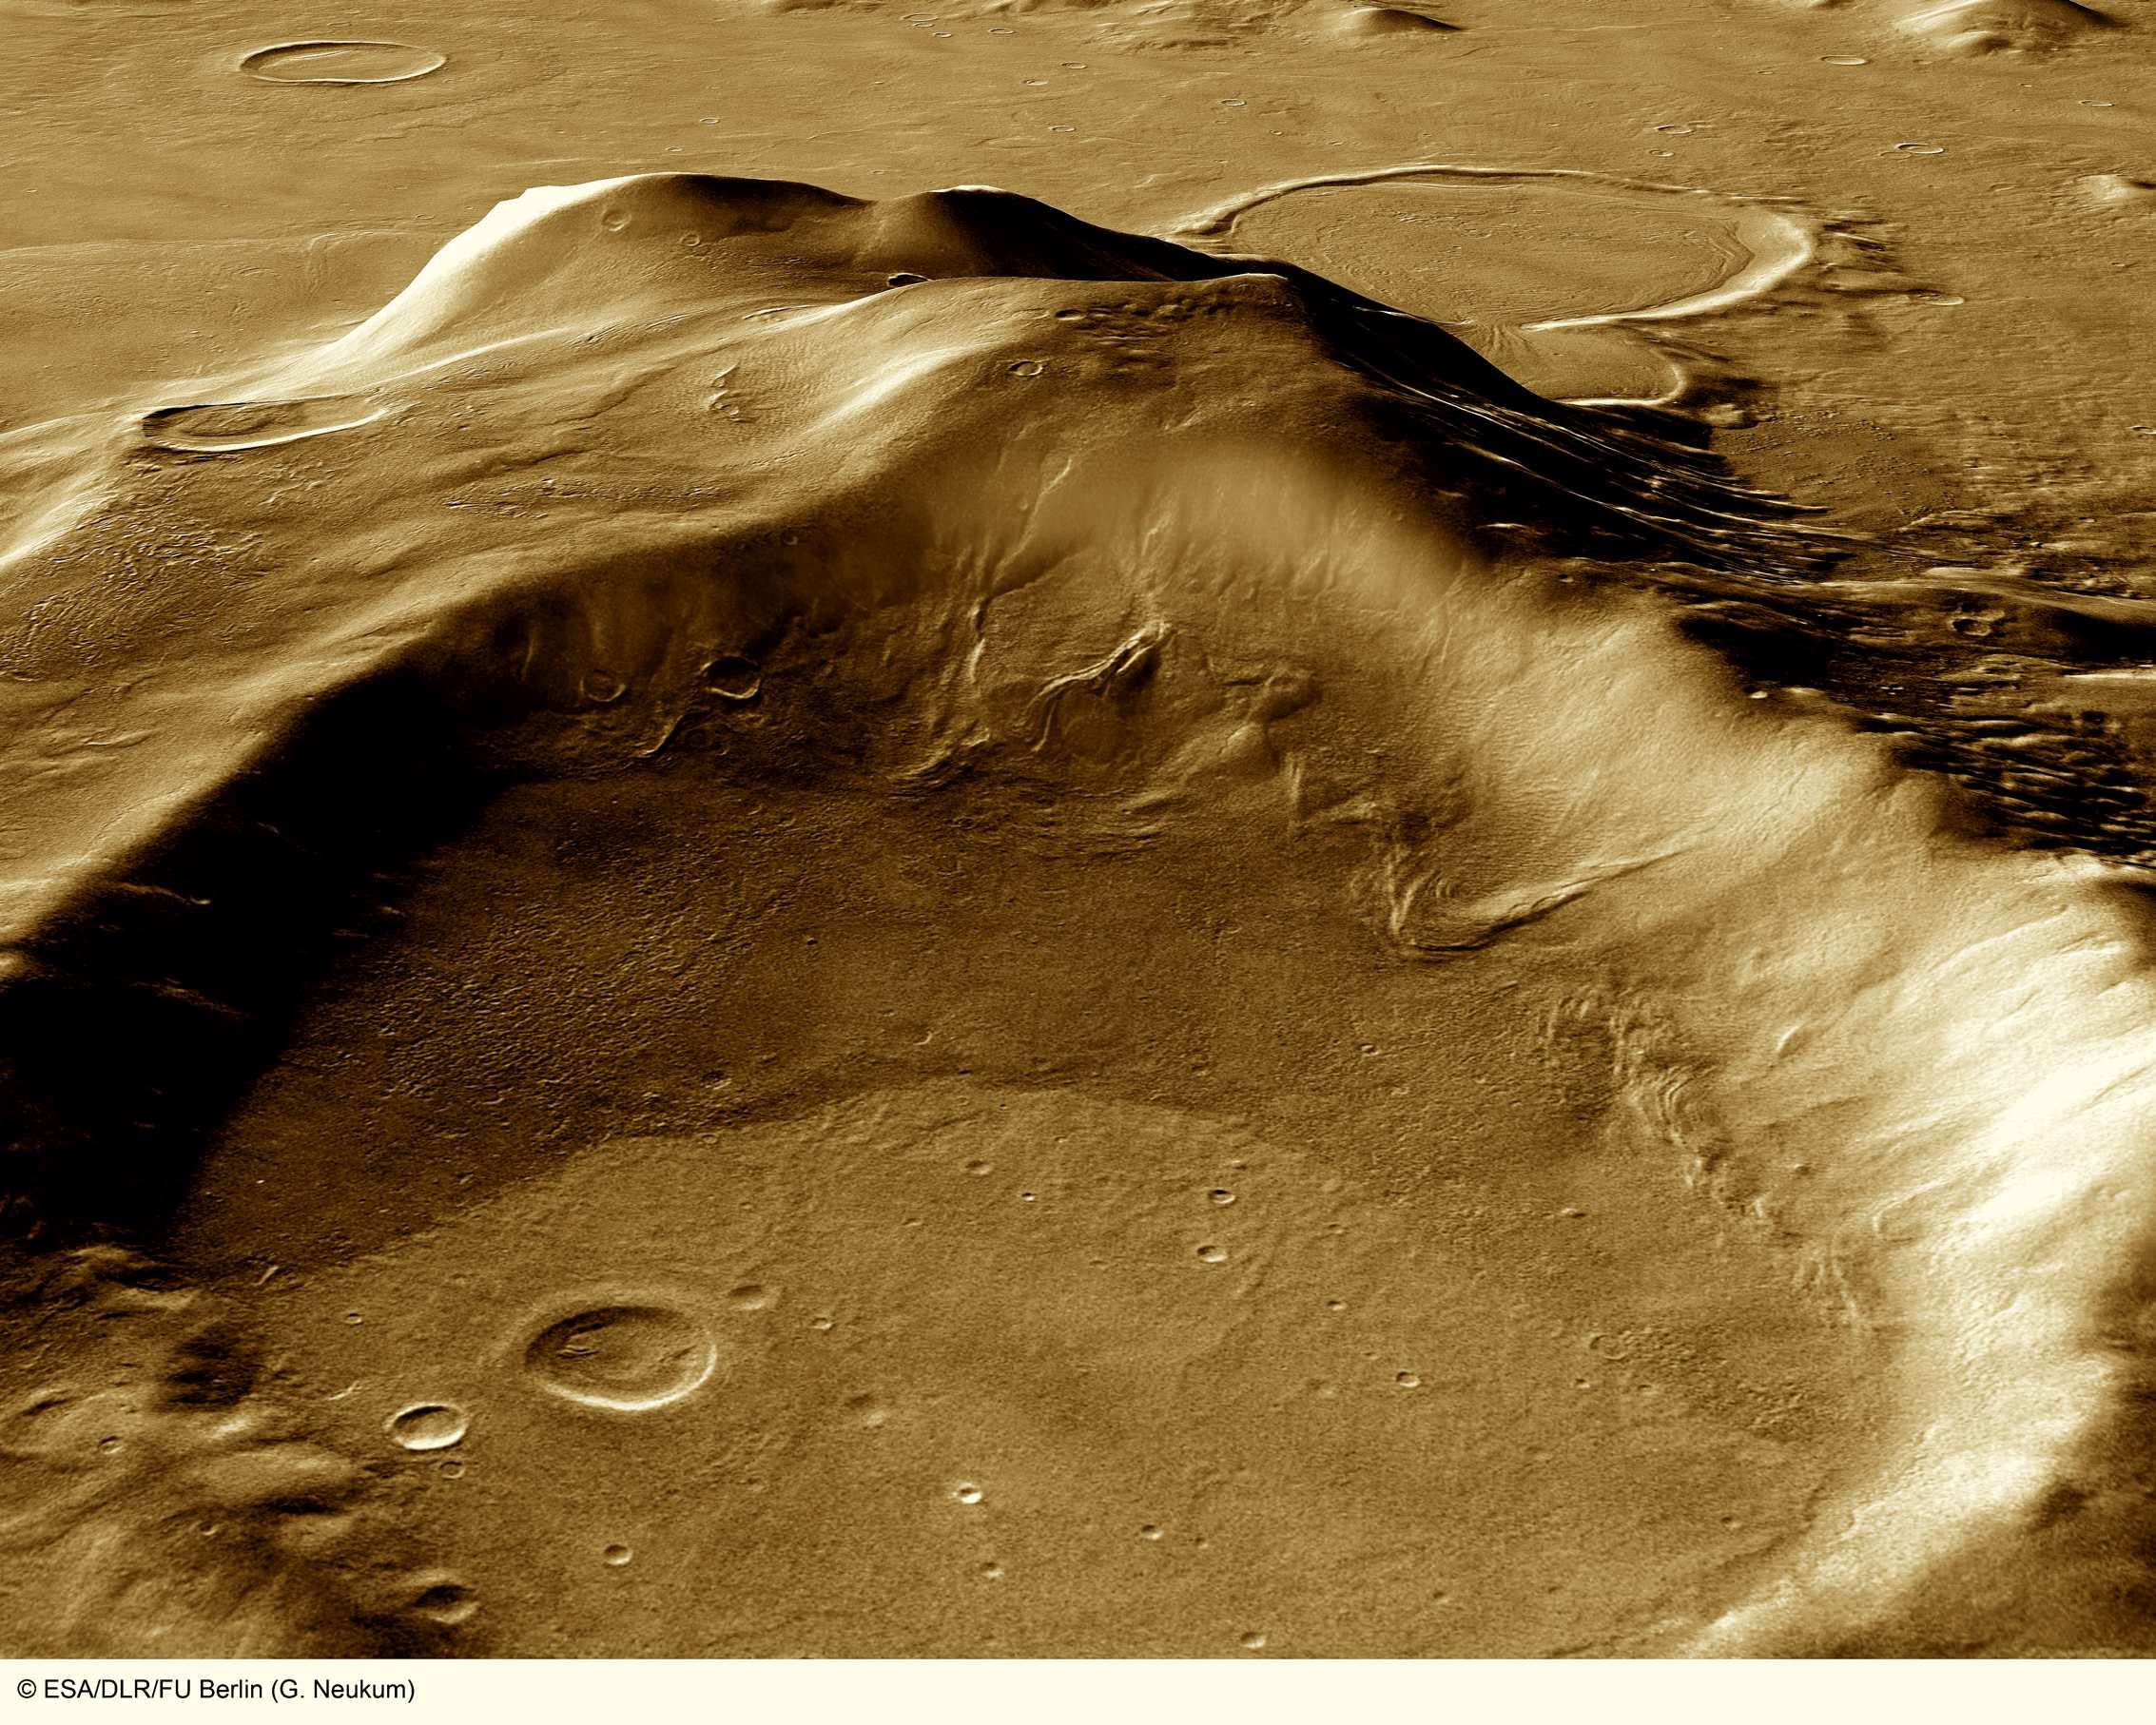 火星の遺跡:アワーグラス(砂時計)クレーター、サクラホッセ_e0171614_10235587.jpg